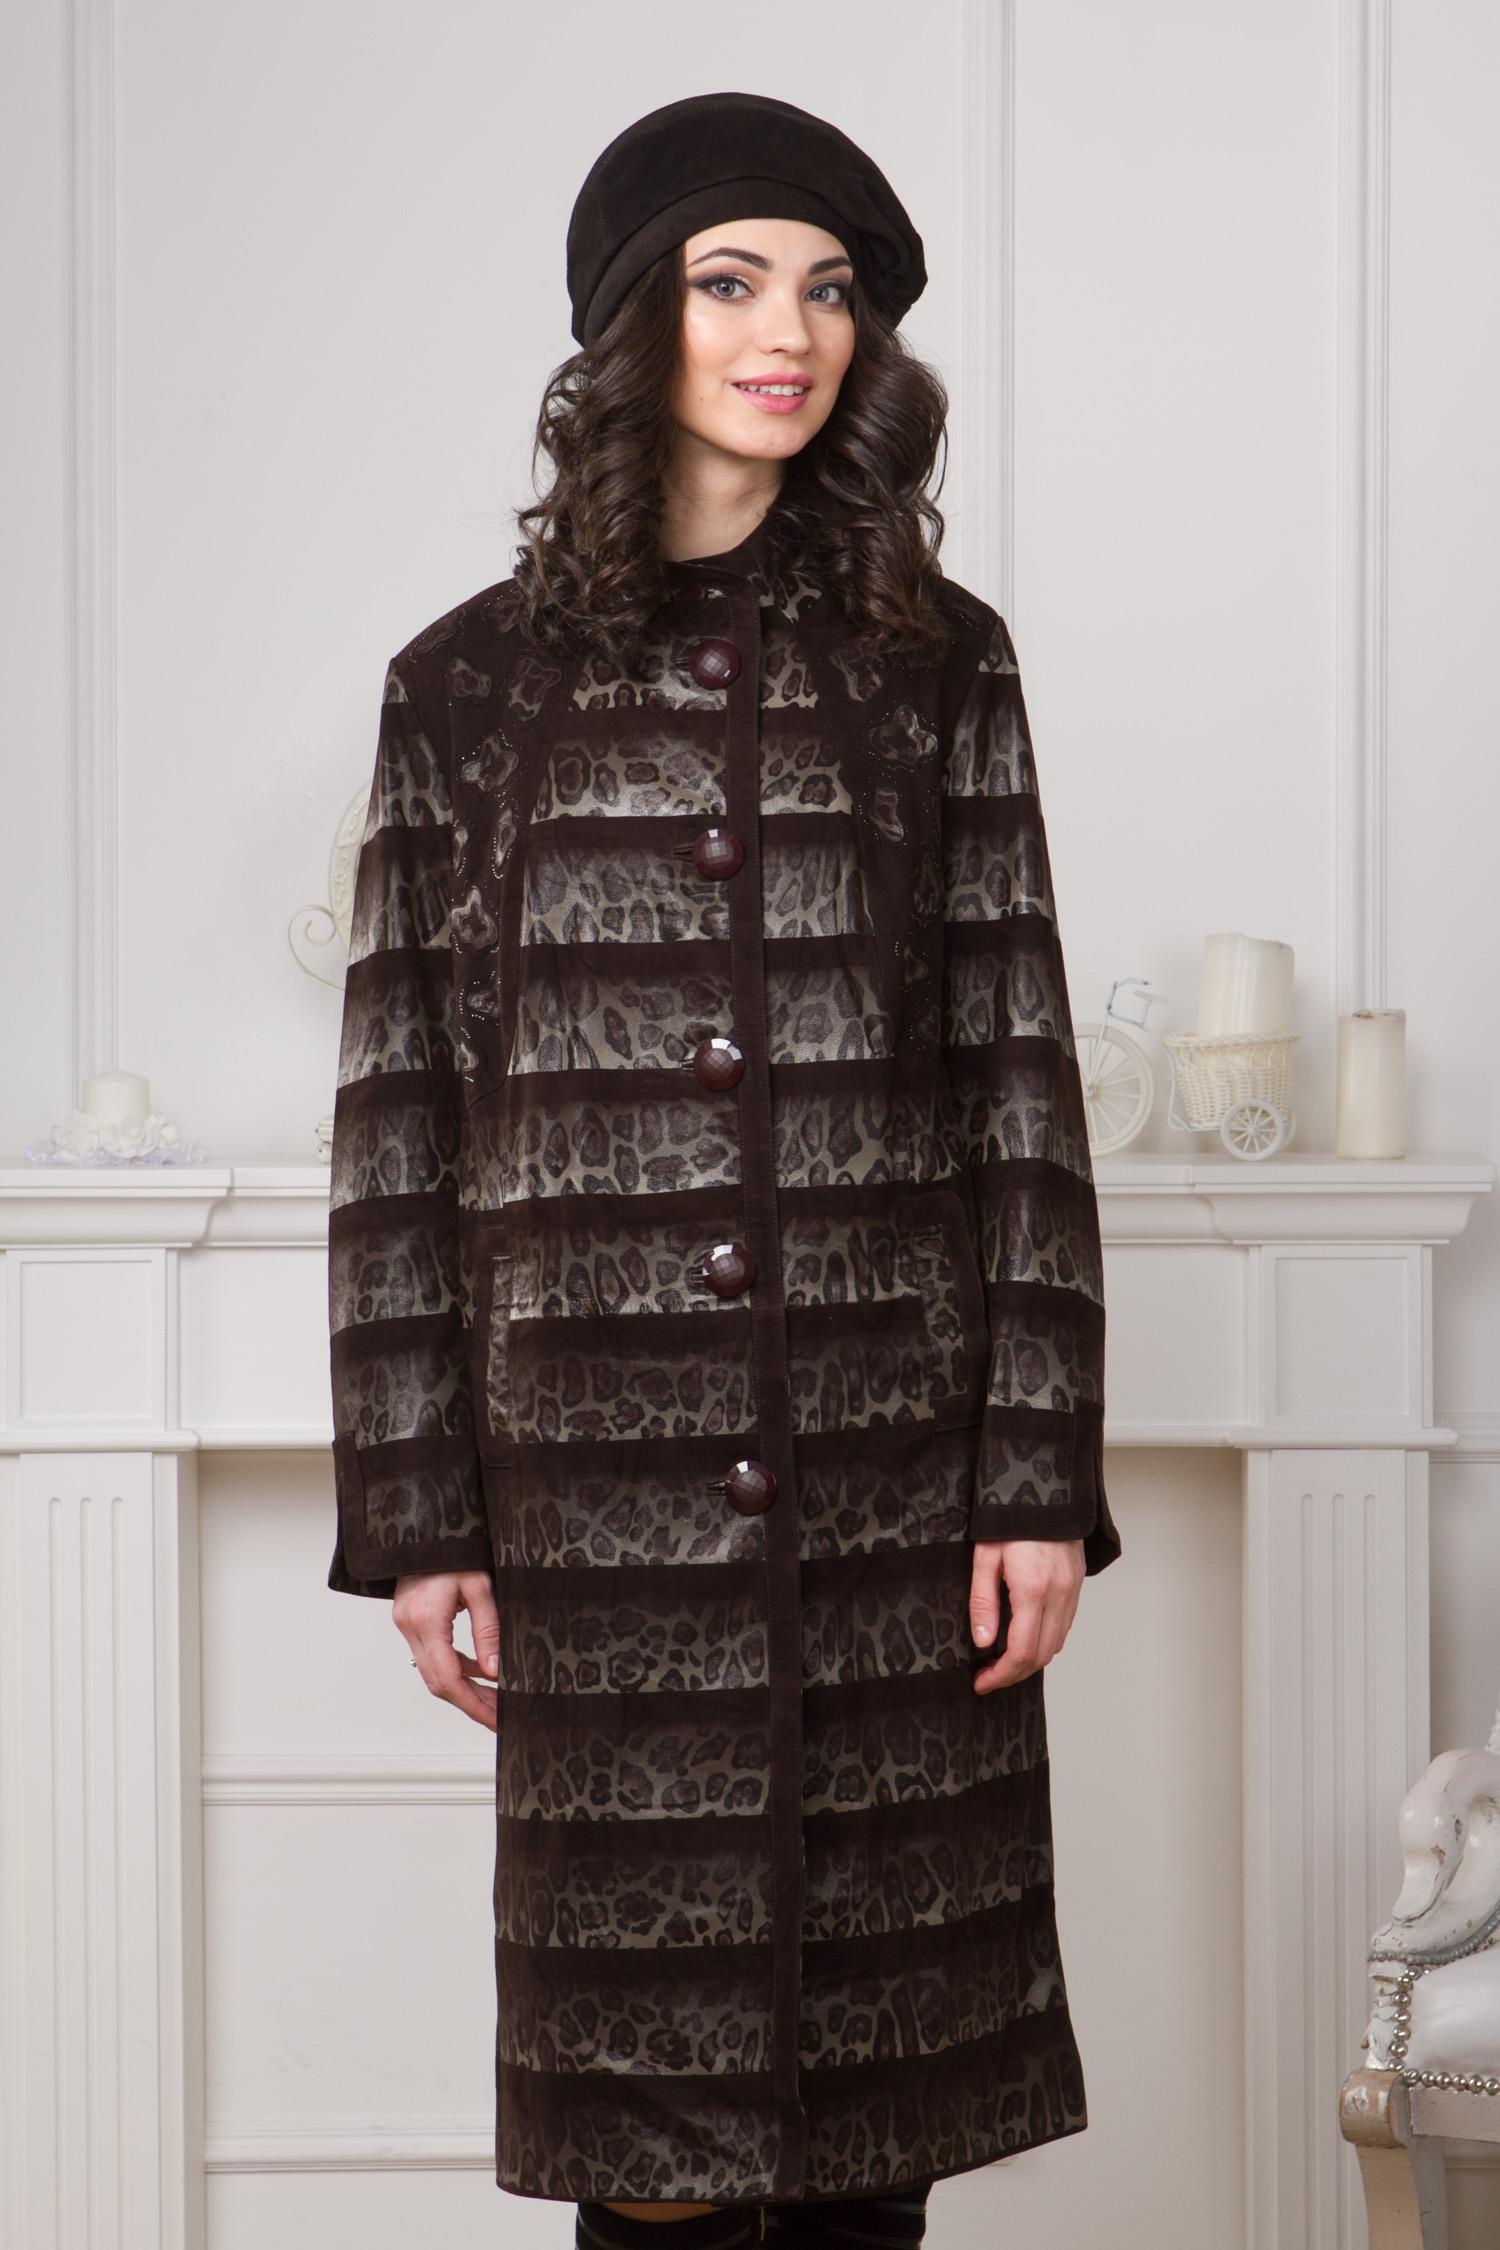 Женское кожаное пальто из натуральной замши с воротником, без отделки Женское кожаное пальто из натуральной замши с воротником, без отделки